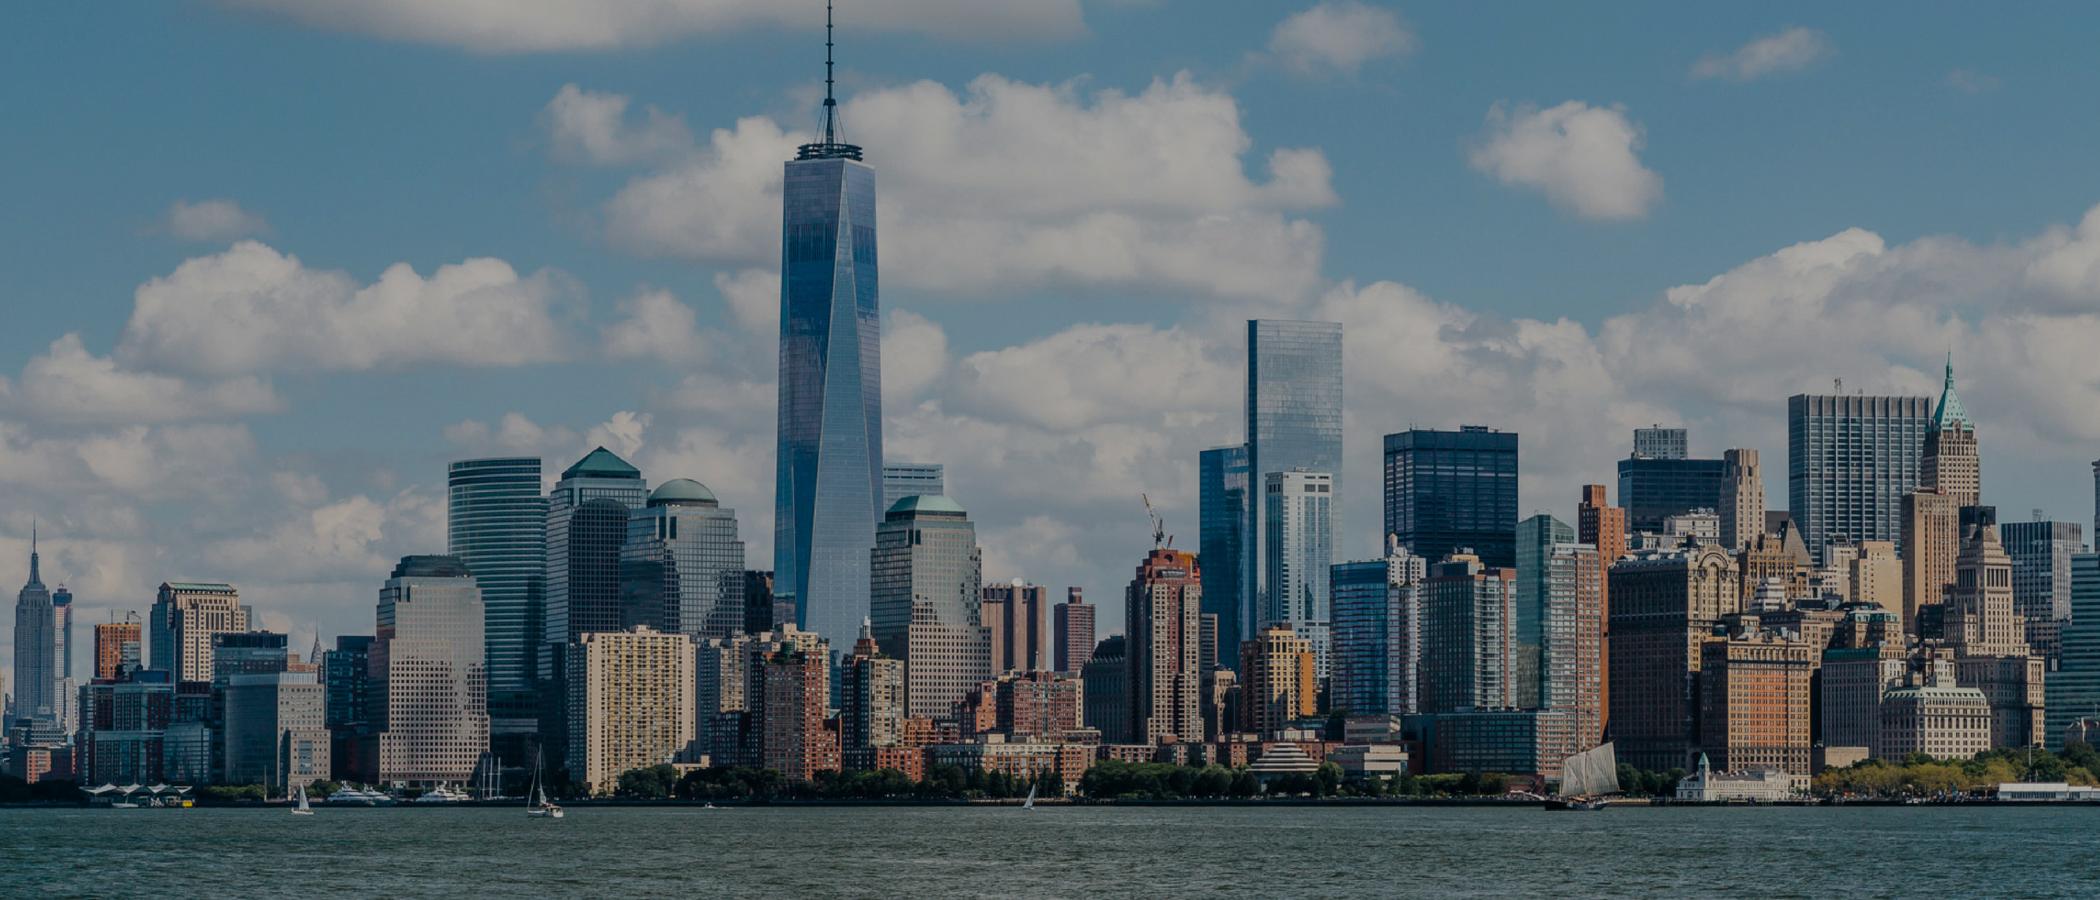 DataEngConf NYC '18